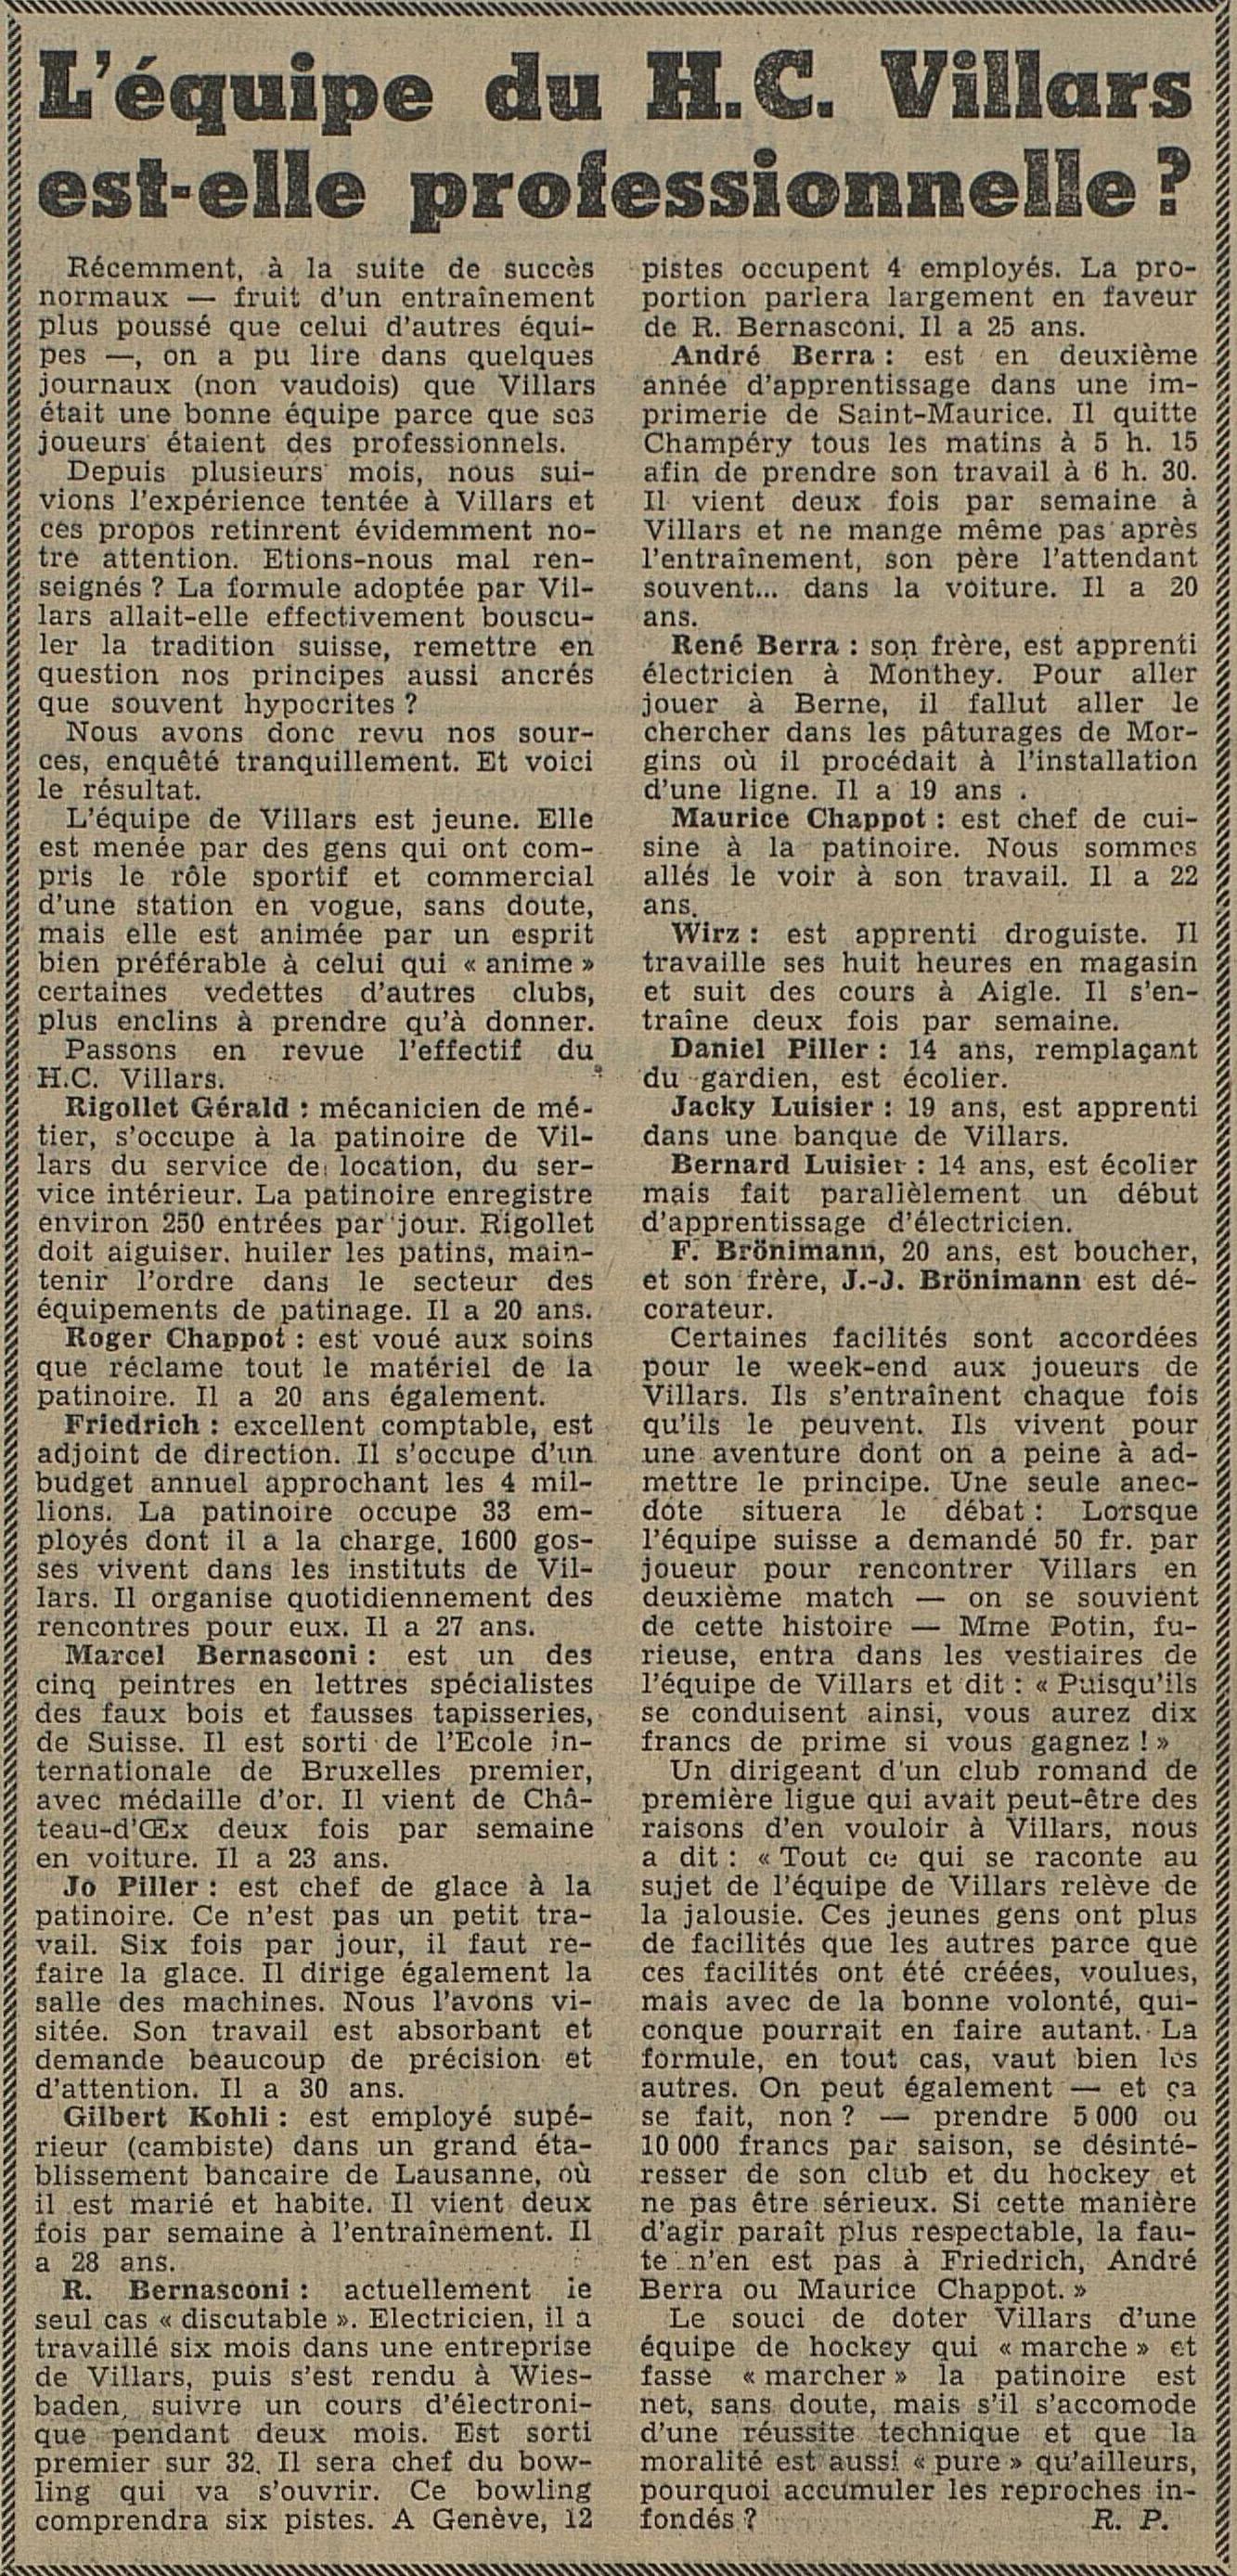 Le Matin - Tribune de Lausanne_19611121_rg7wpb-1.jpg